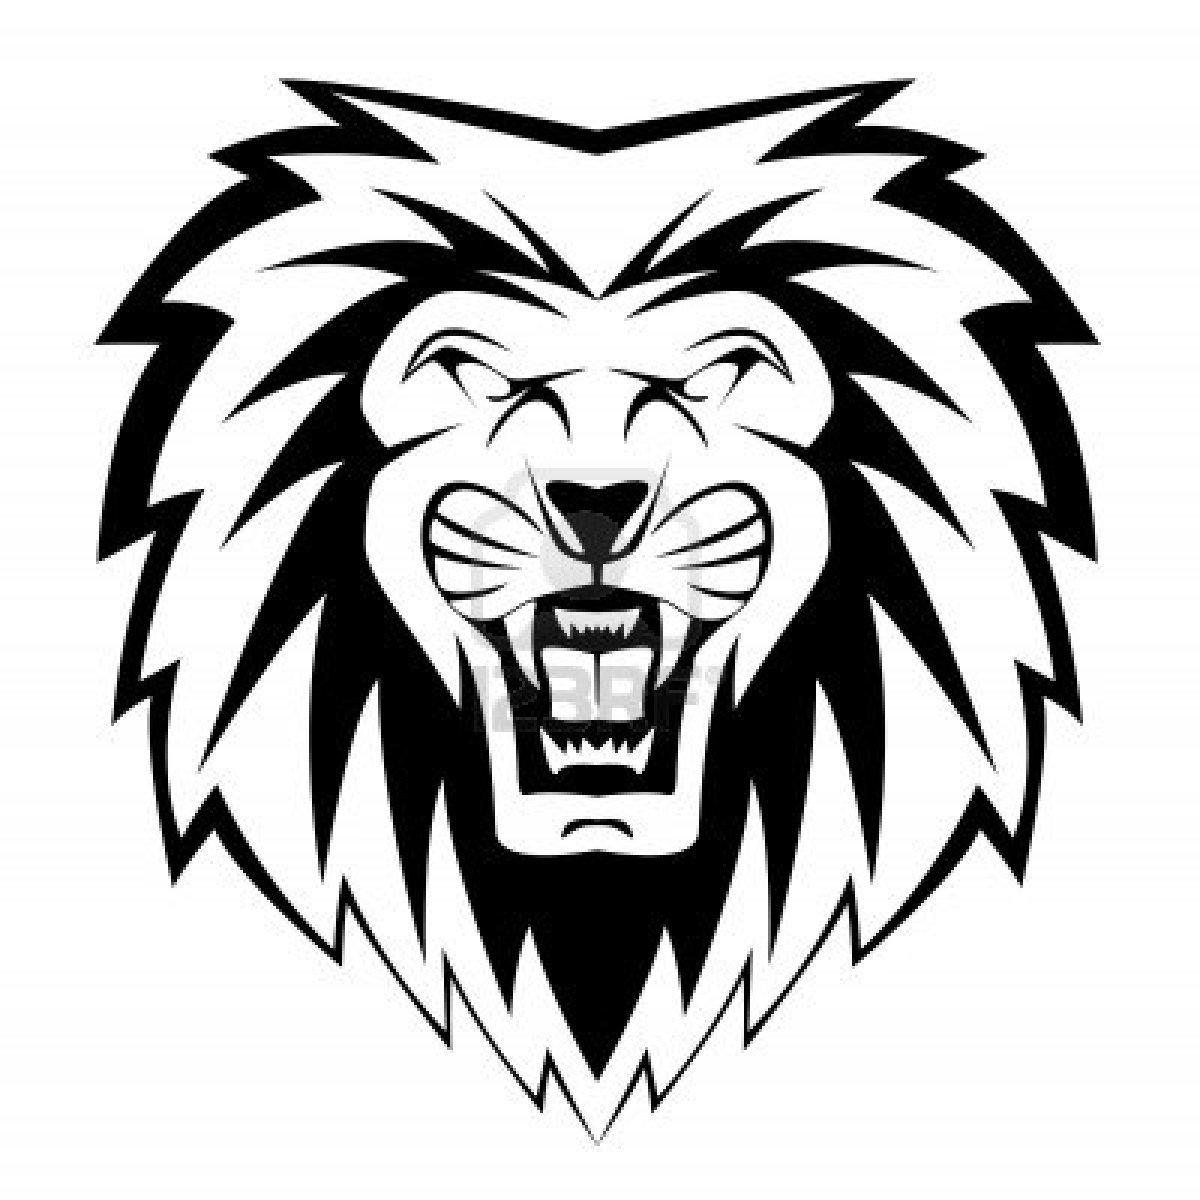 Coloriage Lion 224 Colorier Dessin 224 Imprimer